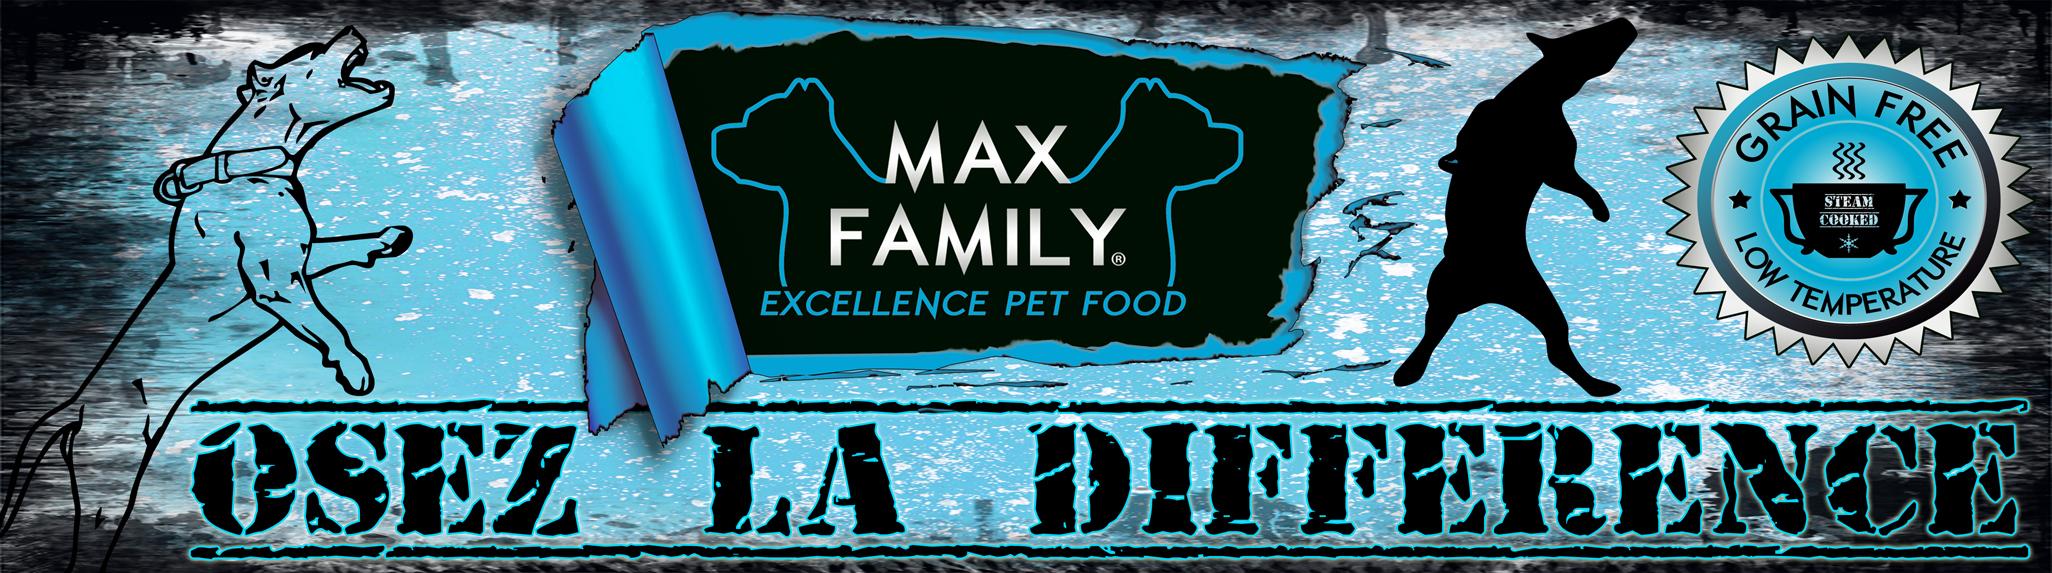 croquette catty max grain free